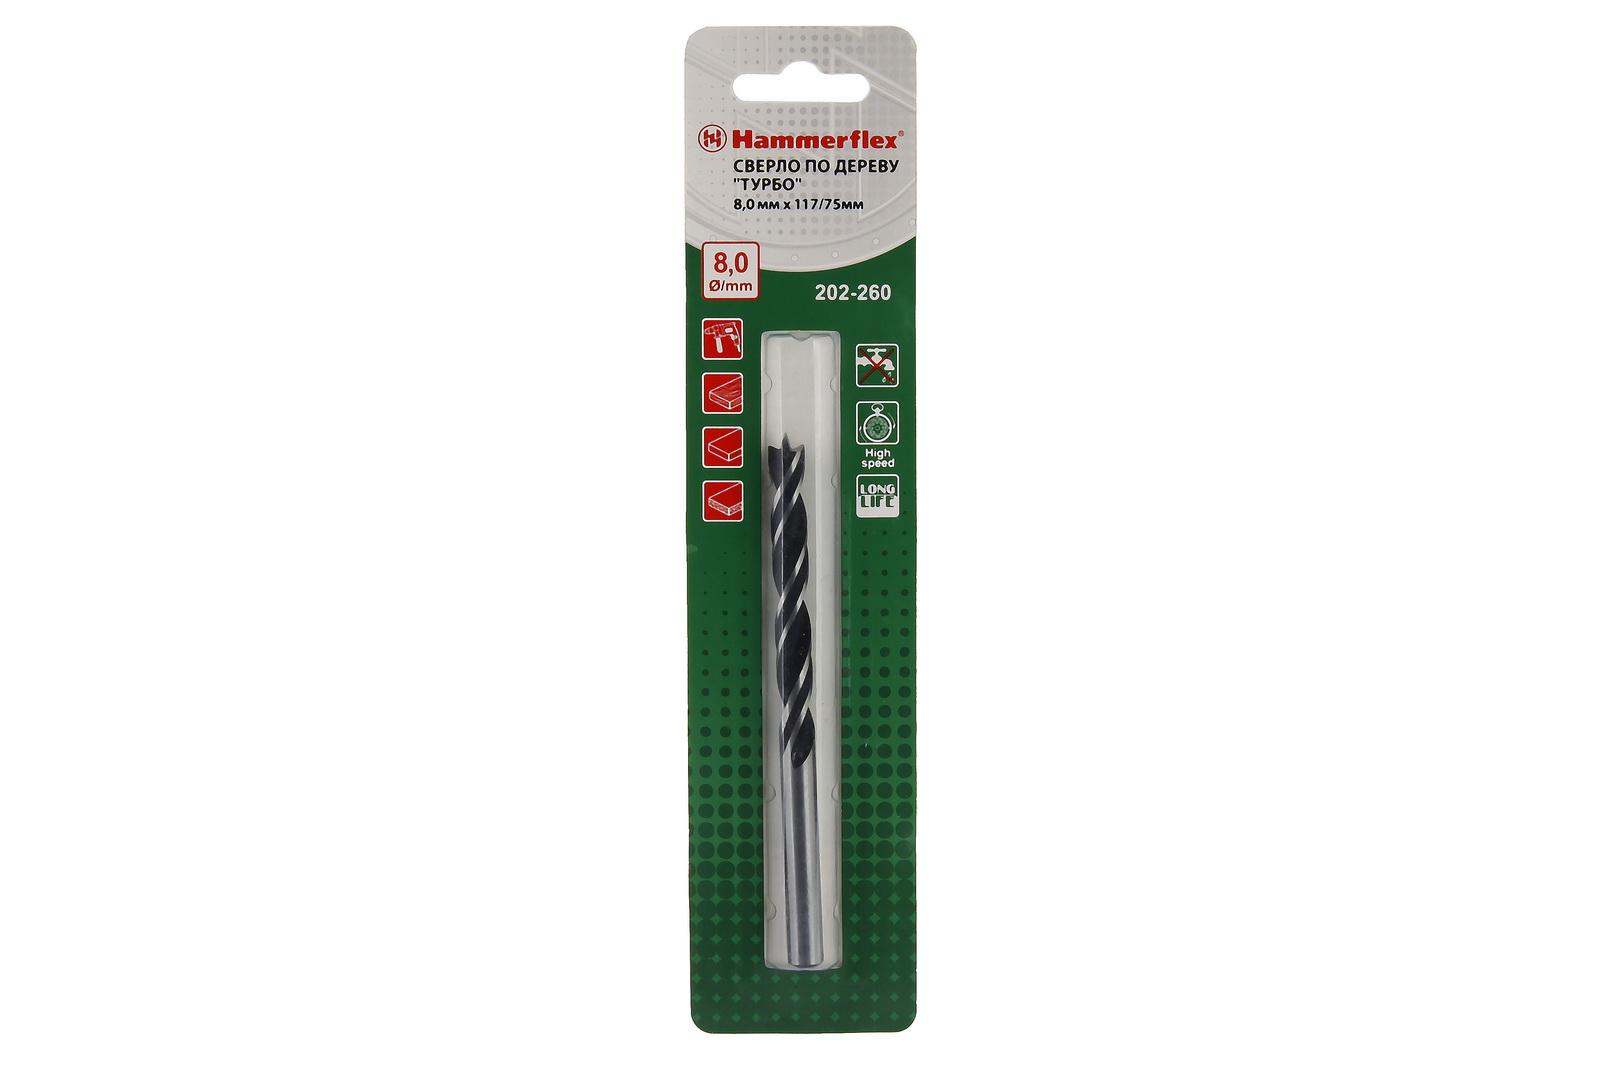 Сверло по дереву Hammer 202-260 dr wd dbl flute 8,0мм*117/75мм 8 1 260